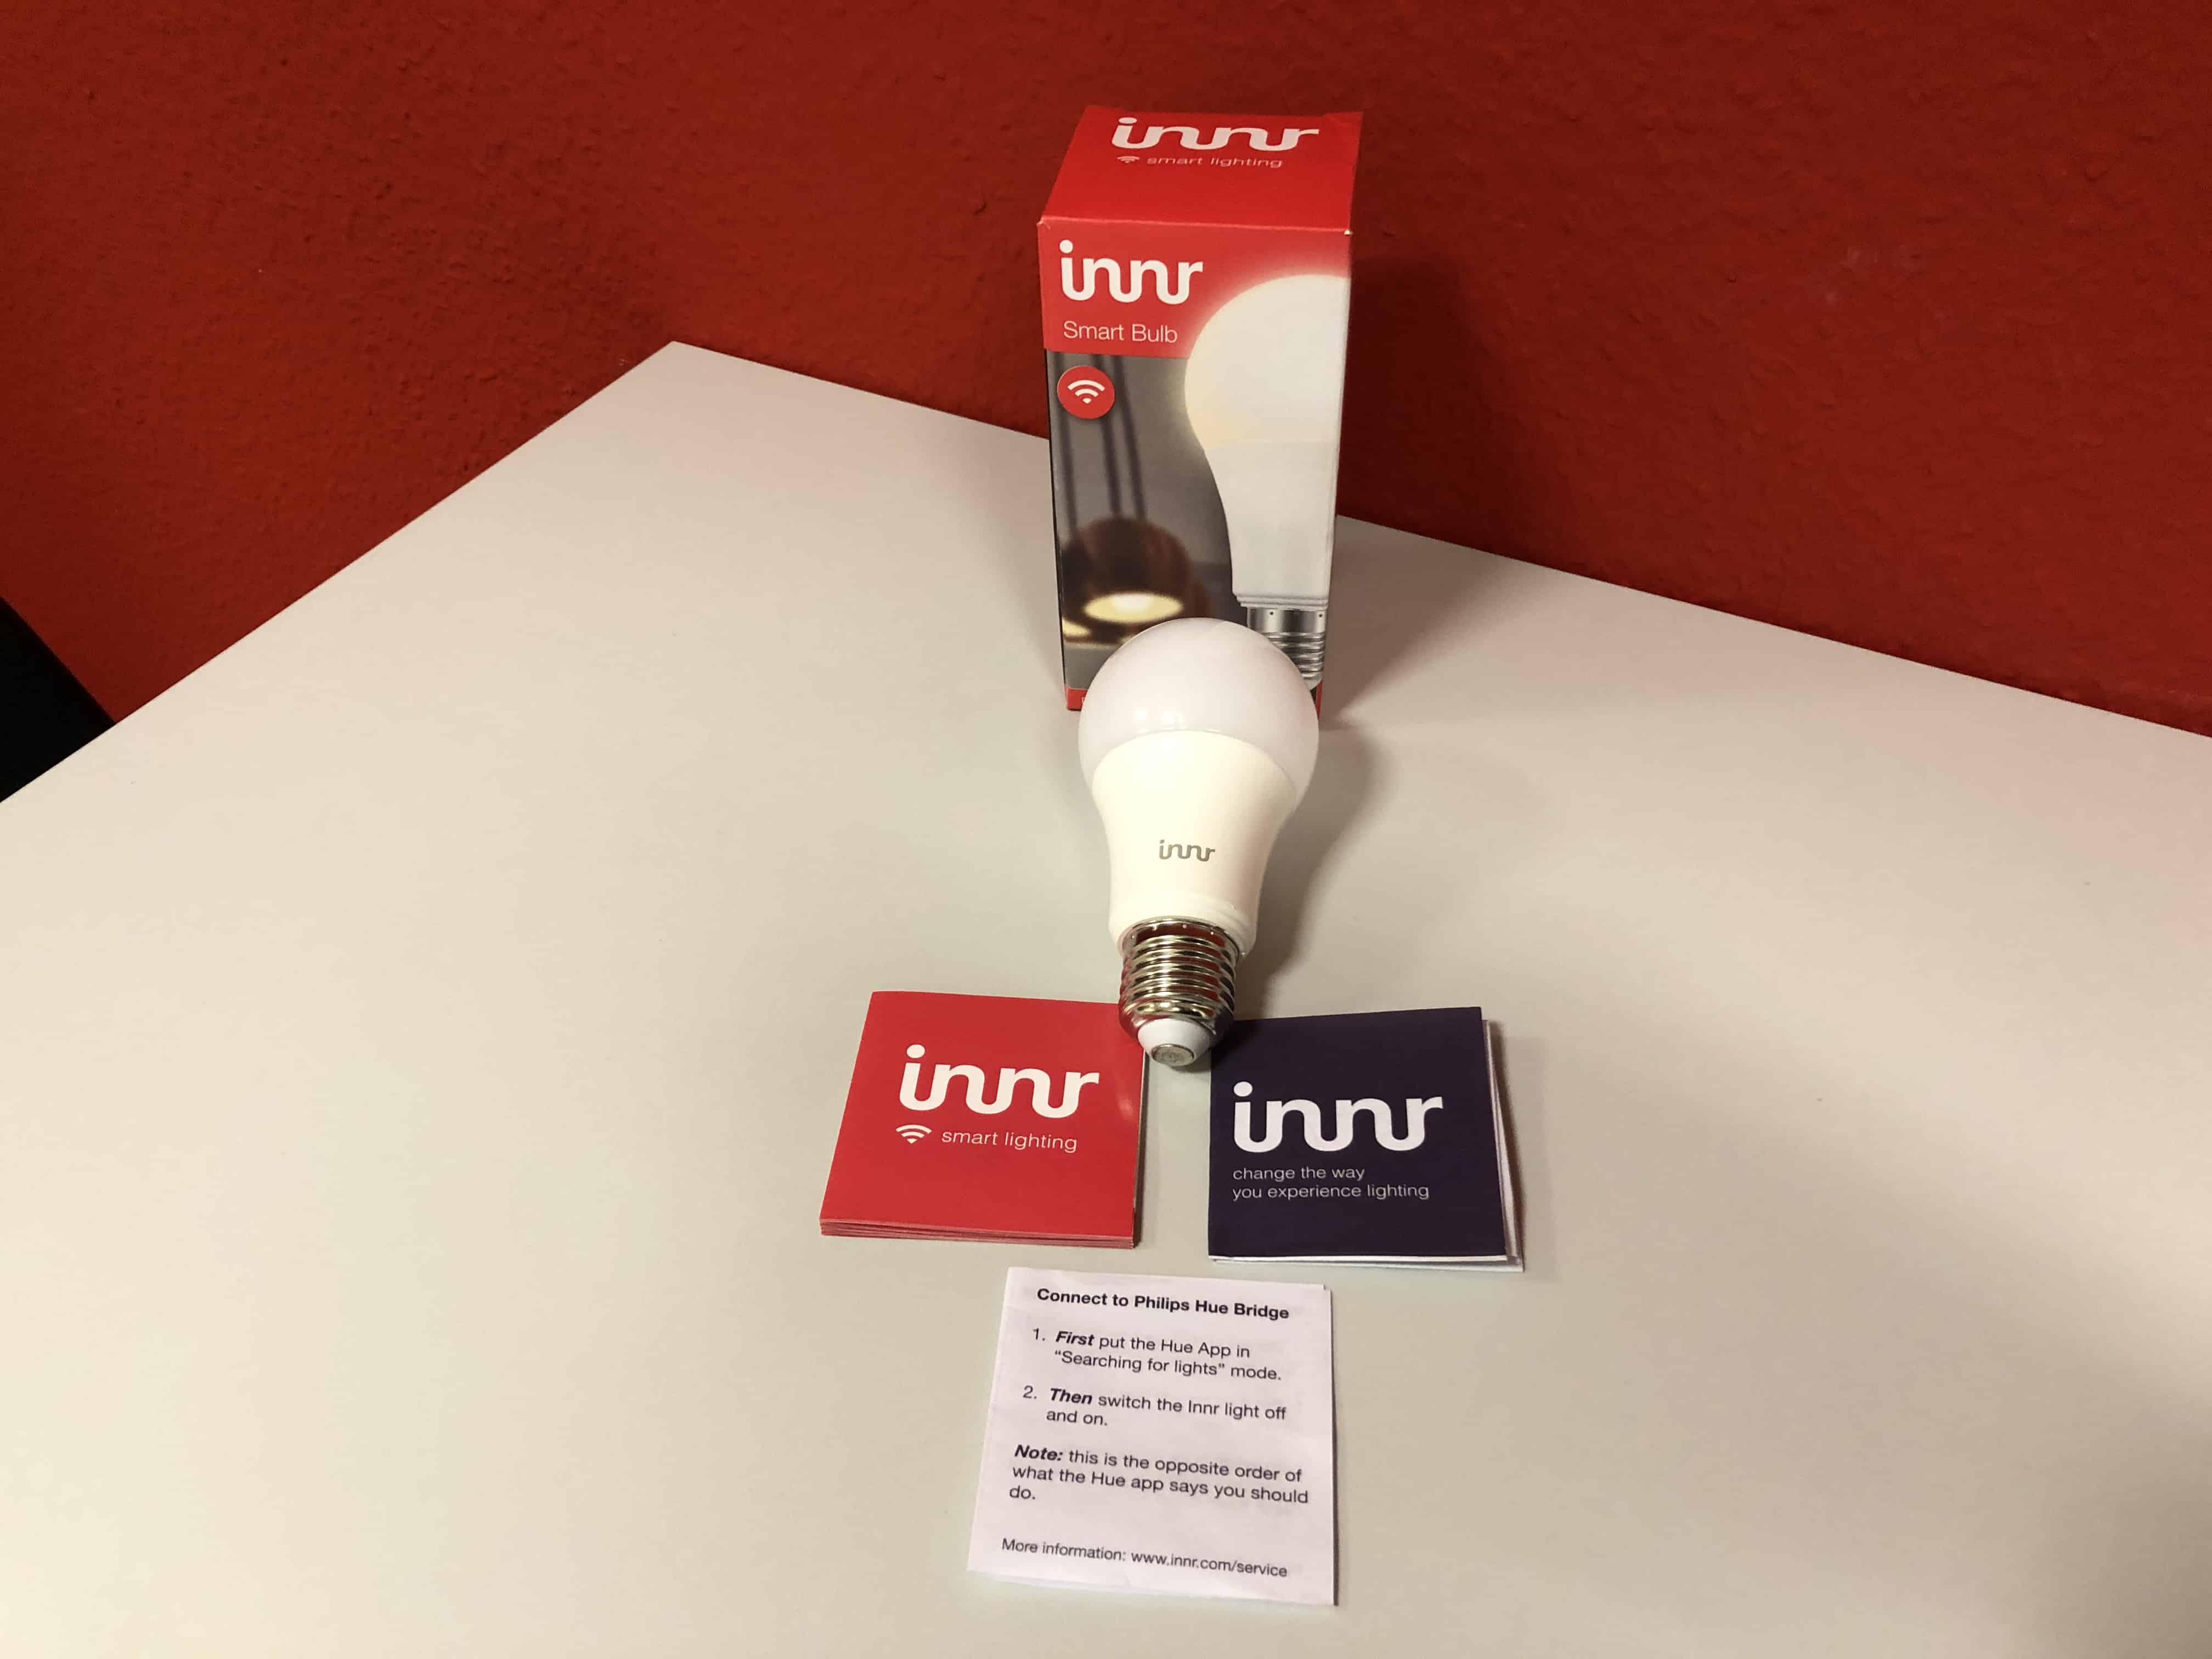 Hue Compatible Lampen : Innr die preisgünstige alternative zu philips hue im test